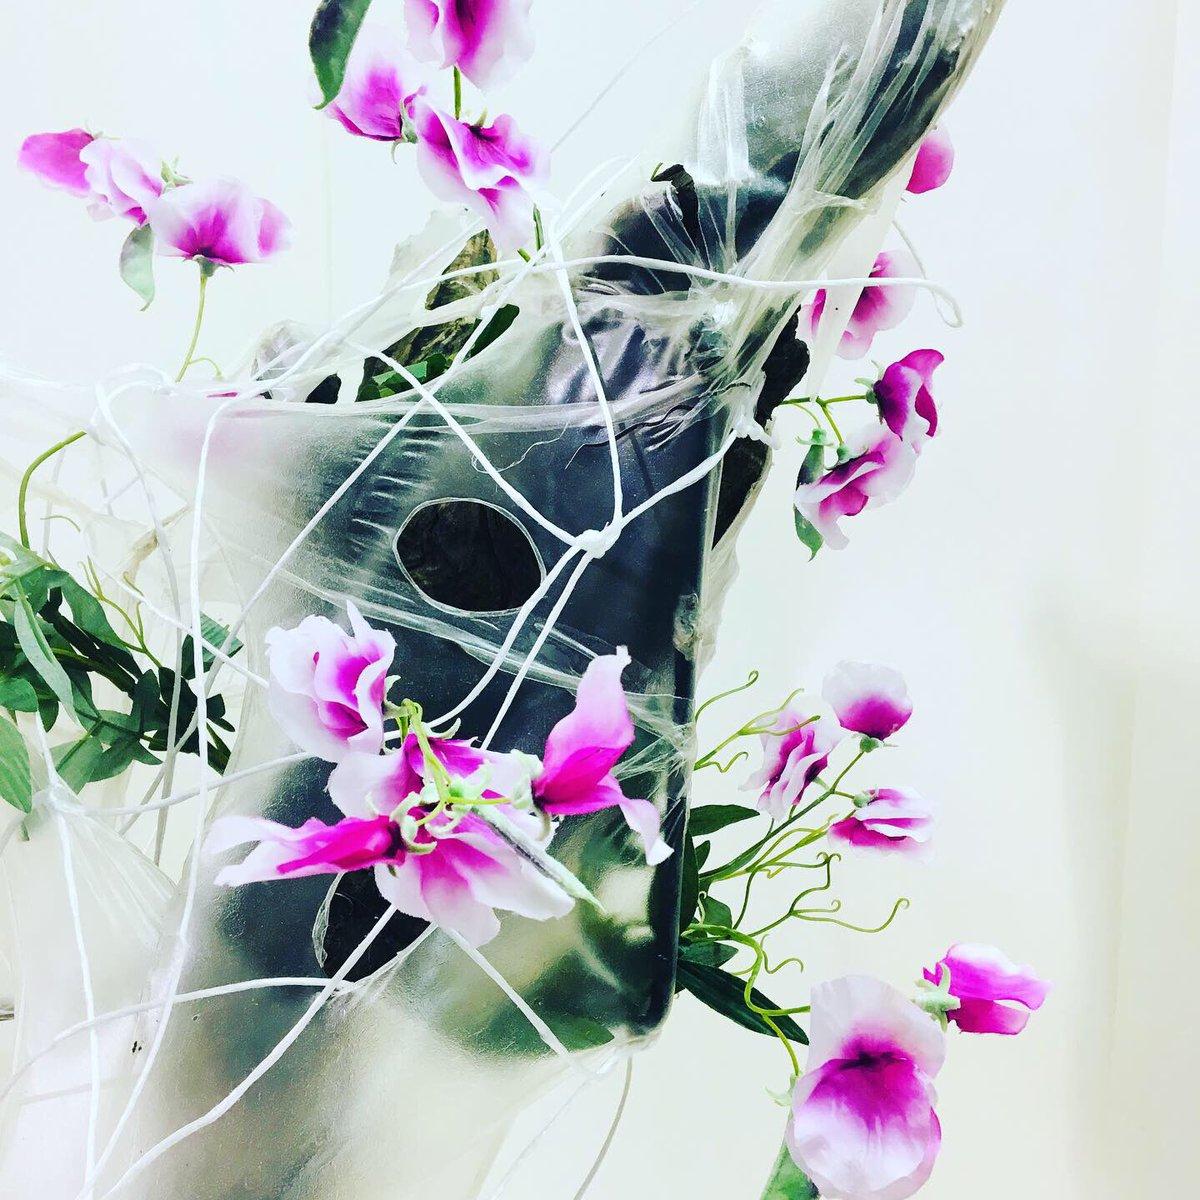 test Twitter Media - Subtiel 🌱 Iedere zes weken een botanische ervaring #bloomsuitleen Kan ook bij jouw thuis of op het werk. Info? https://t.co/3UzA3JjzYp  Of bel 06-29082882  #bloomsstore  #hortibotanicaldesigner #interieur #object  #uitleen https://t.co/npd5TlXlUX